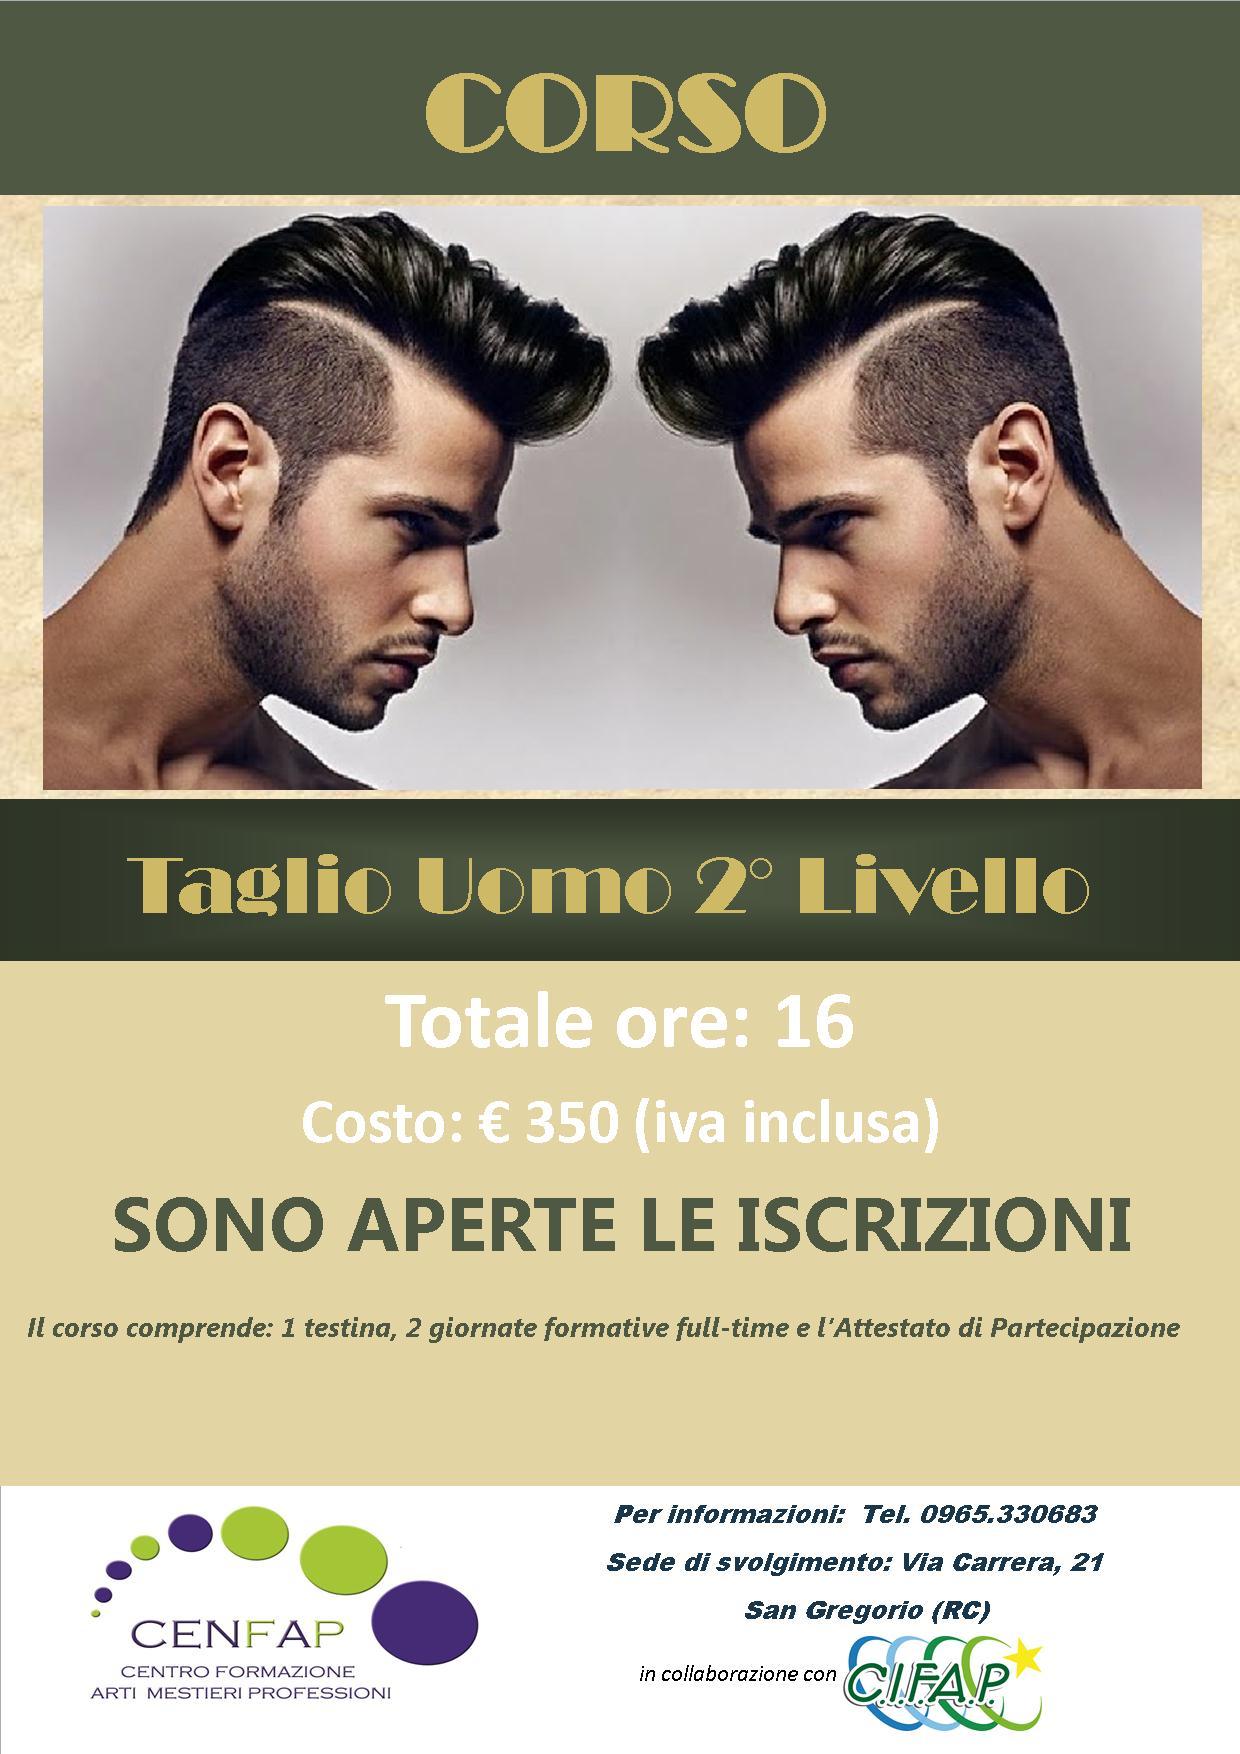 Corso-Taglio-Uomo-2°-Livello